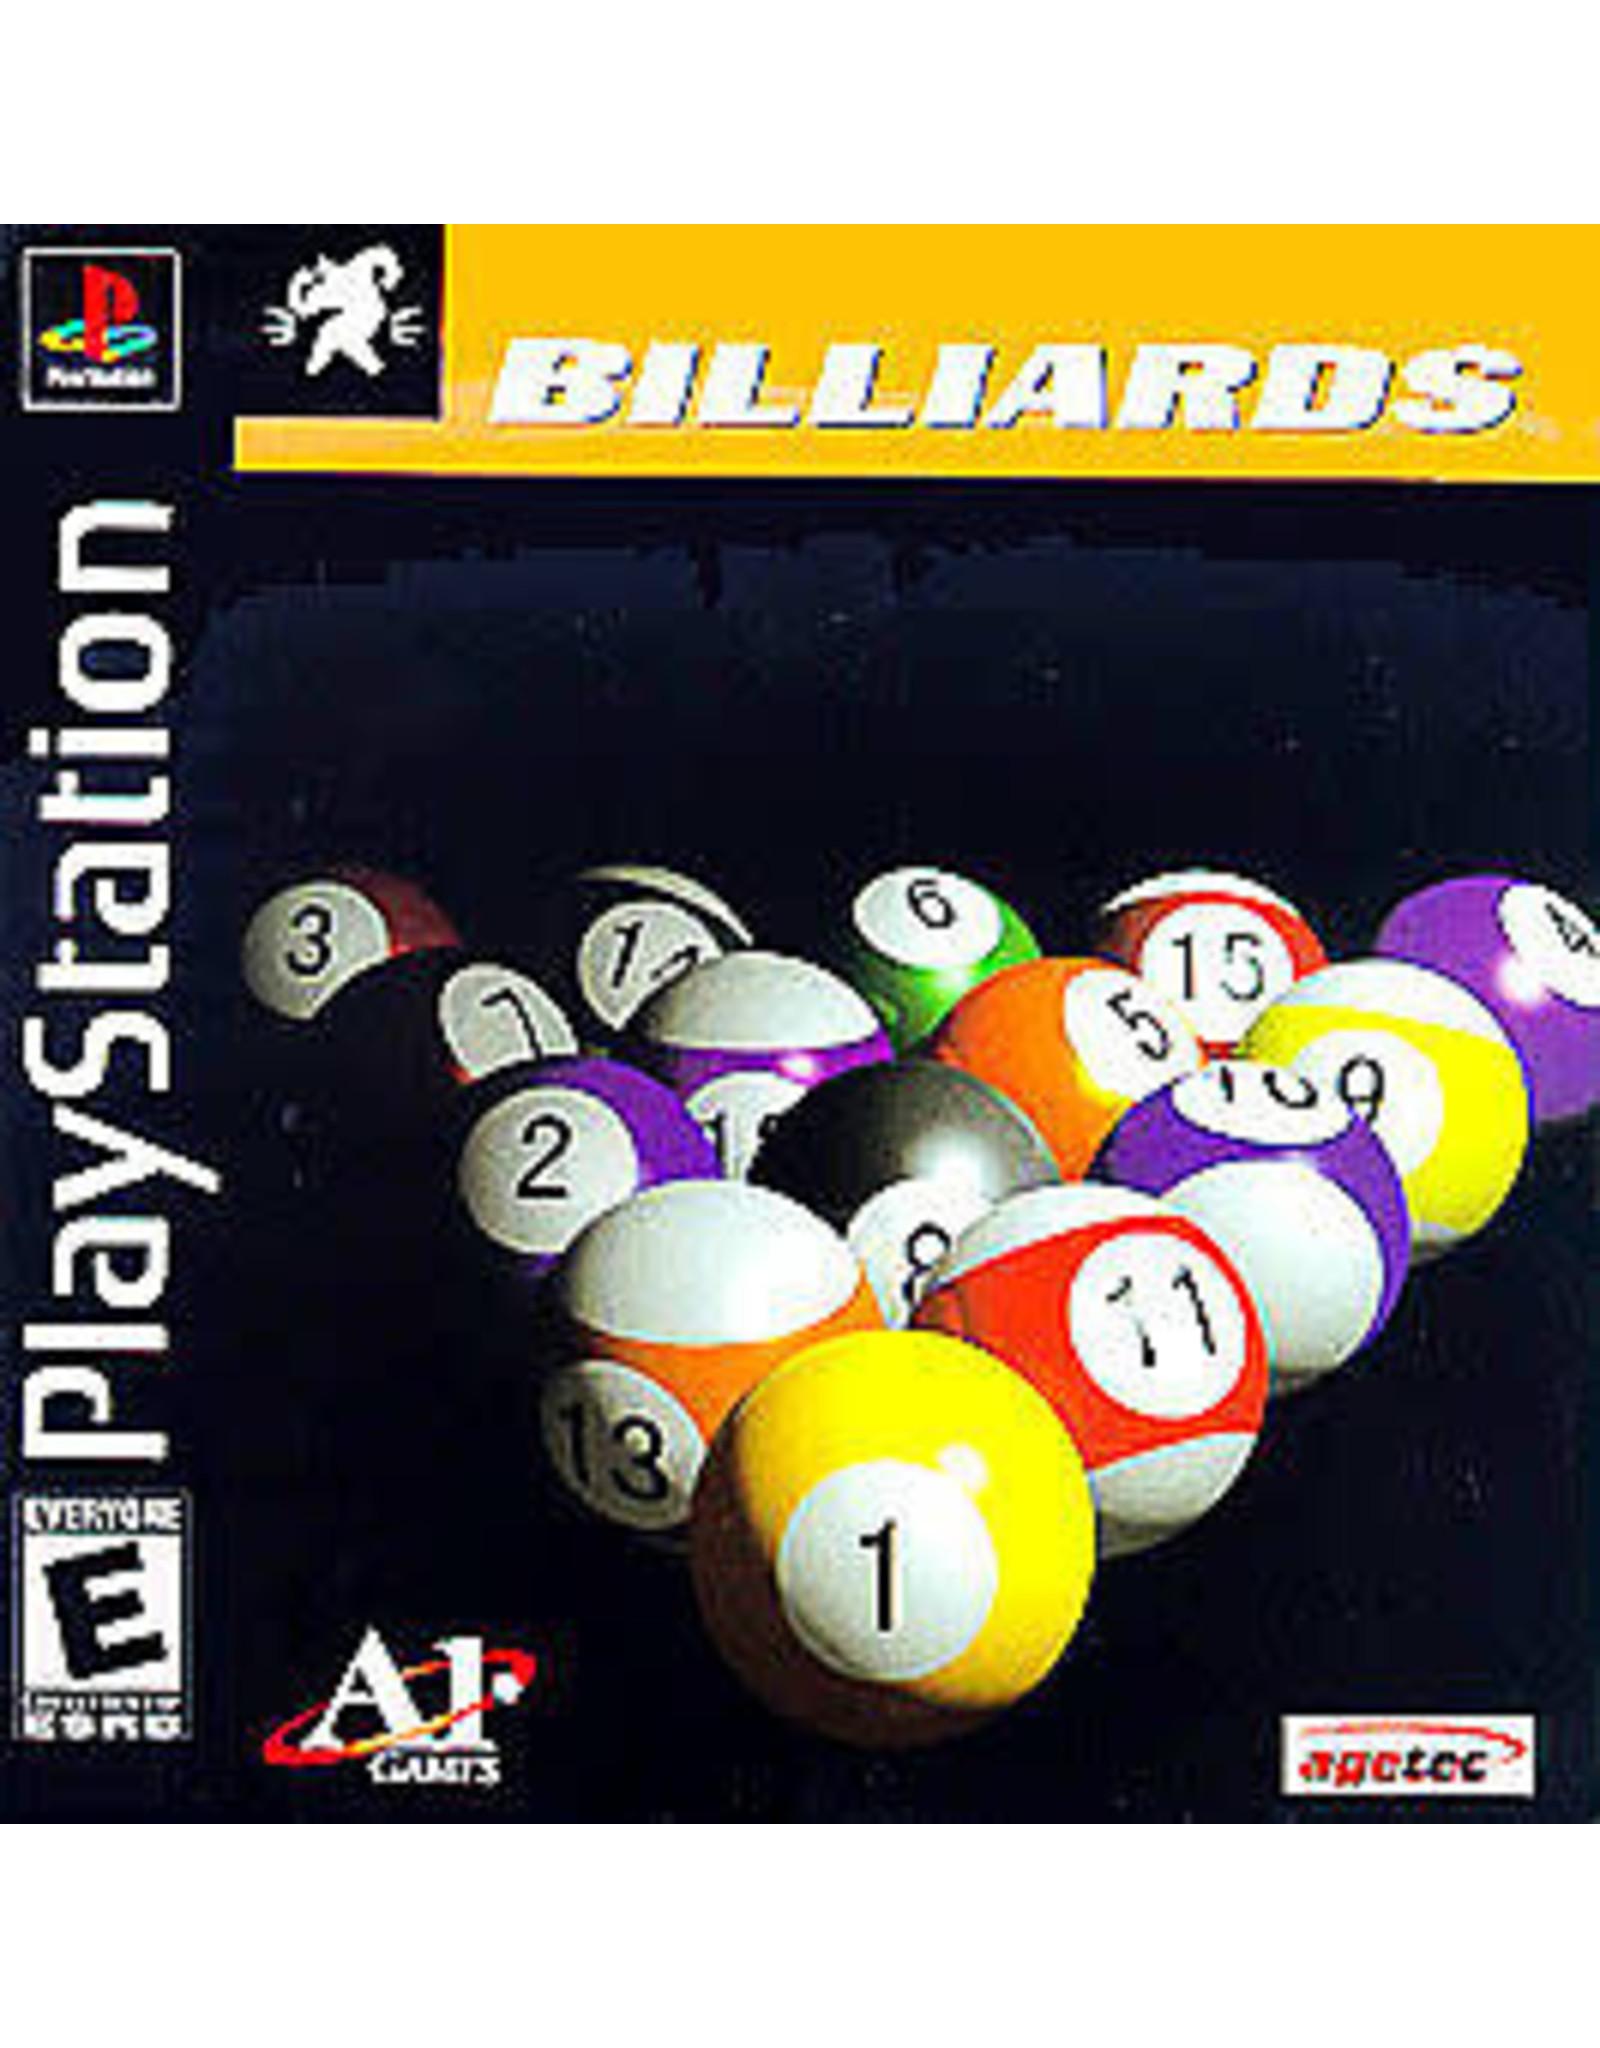 Playstation Billiards (CiB)